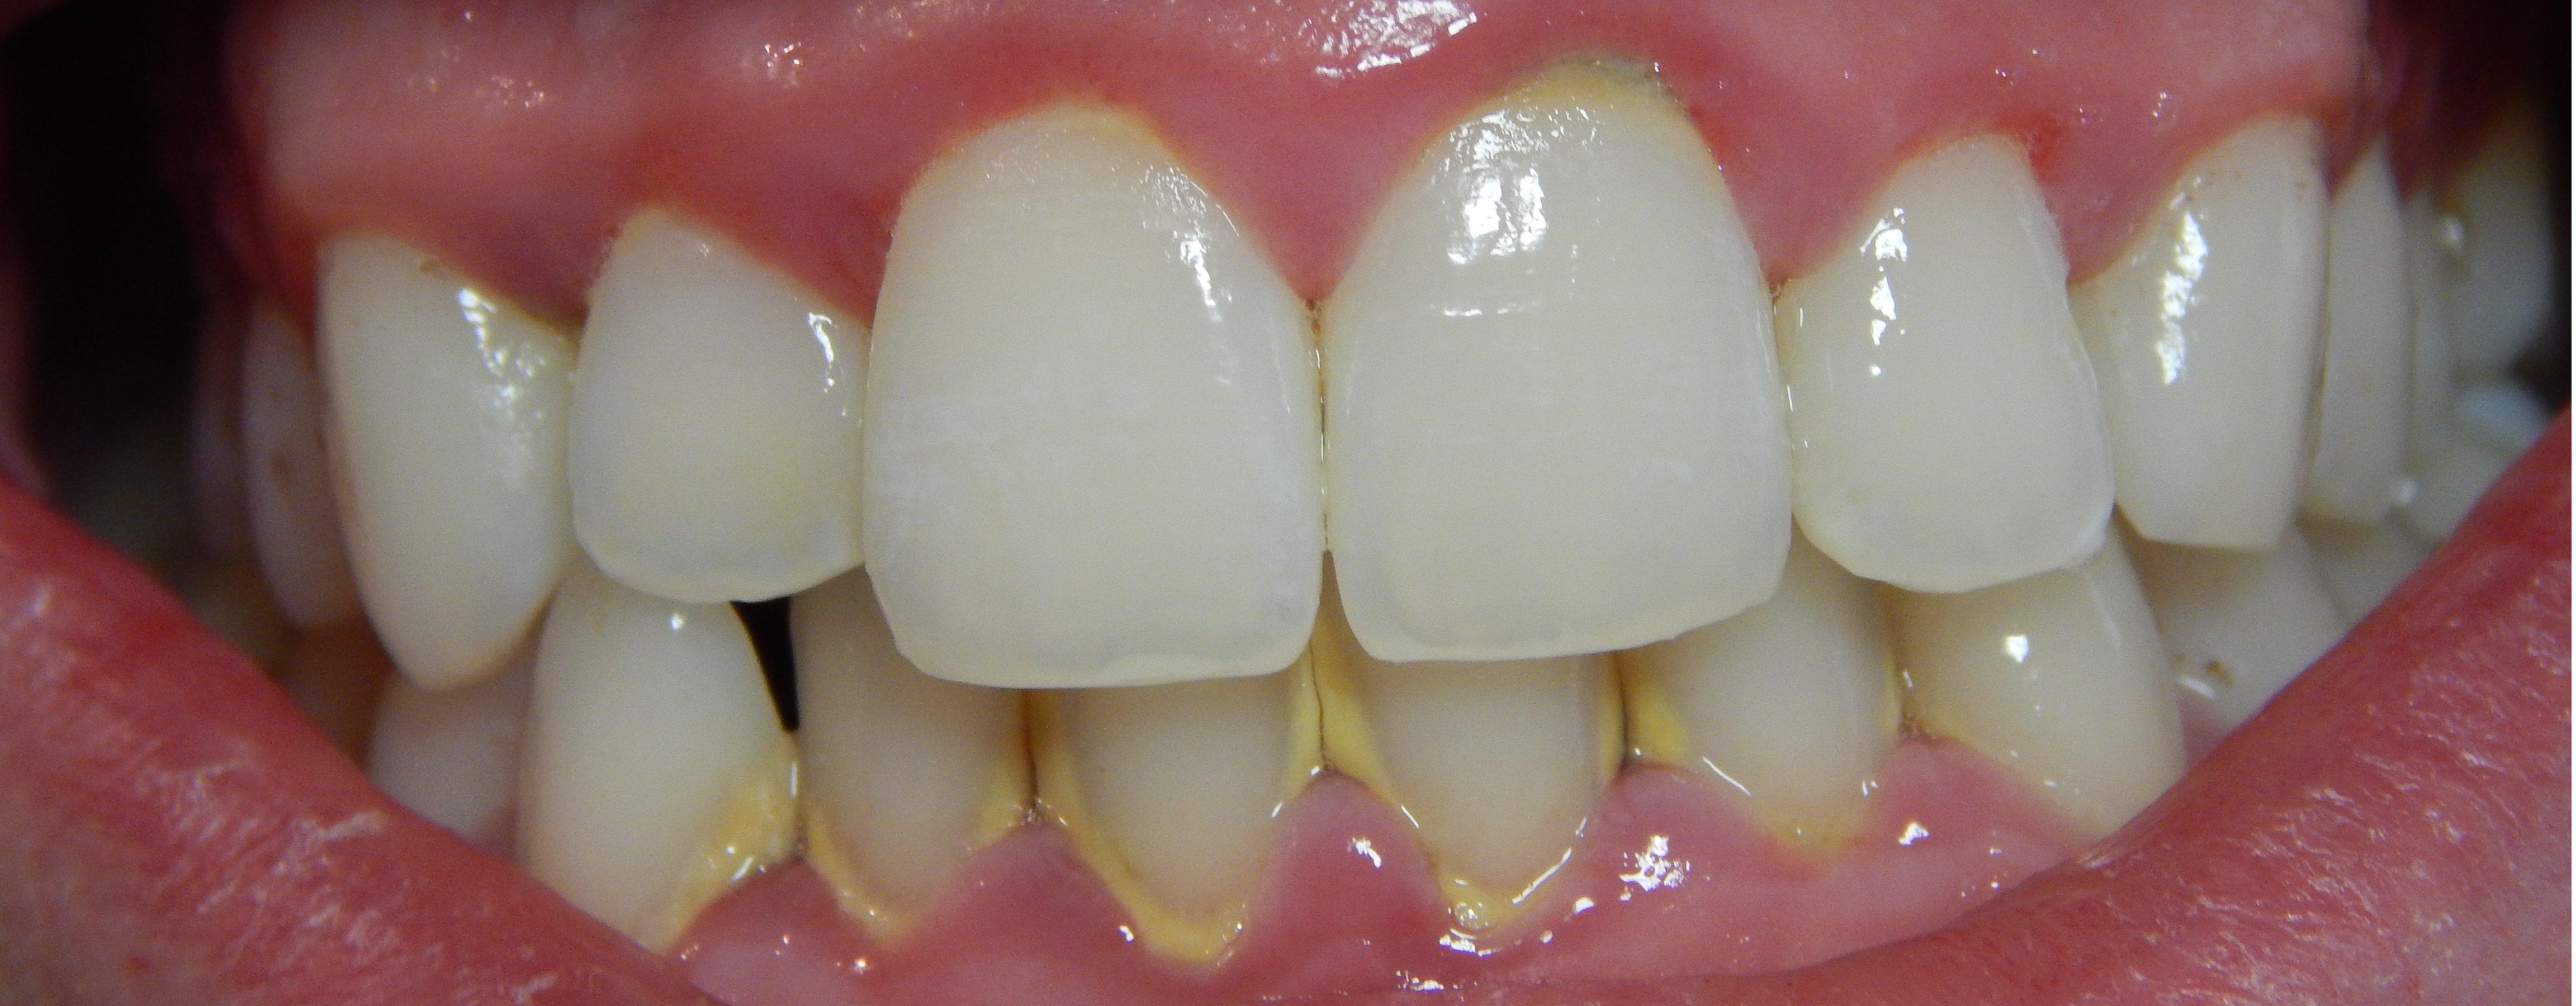 gingivitis-2.jpg